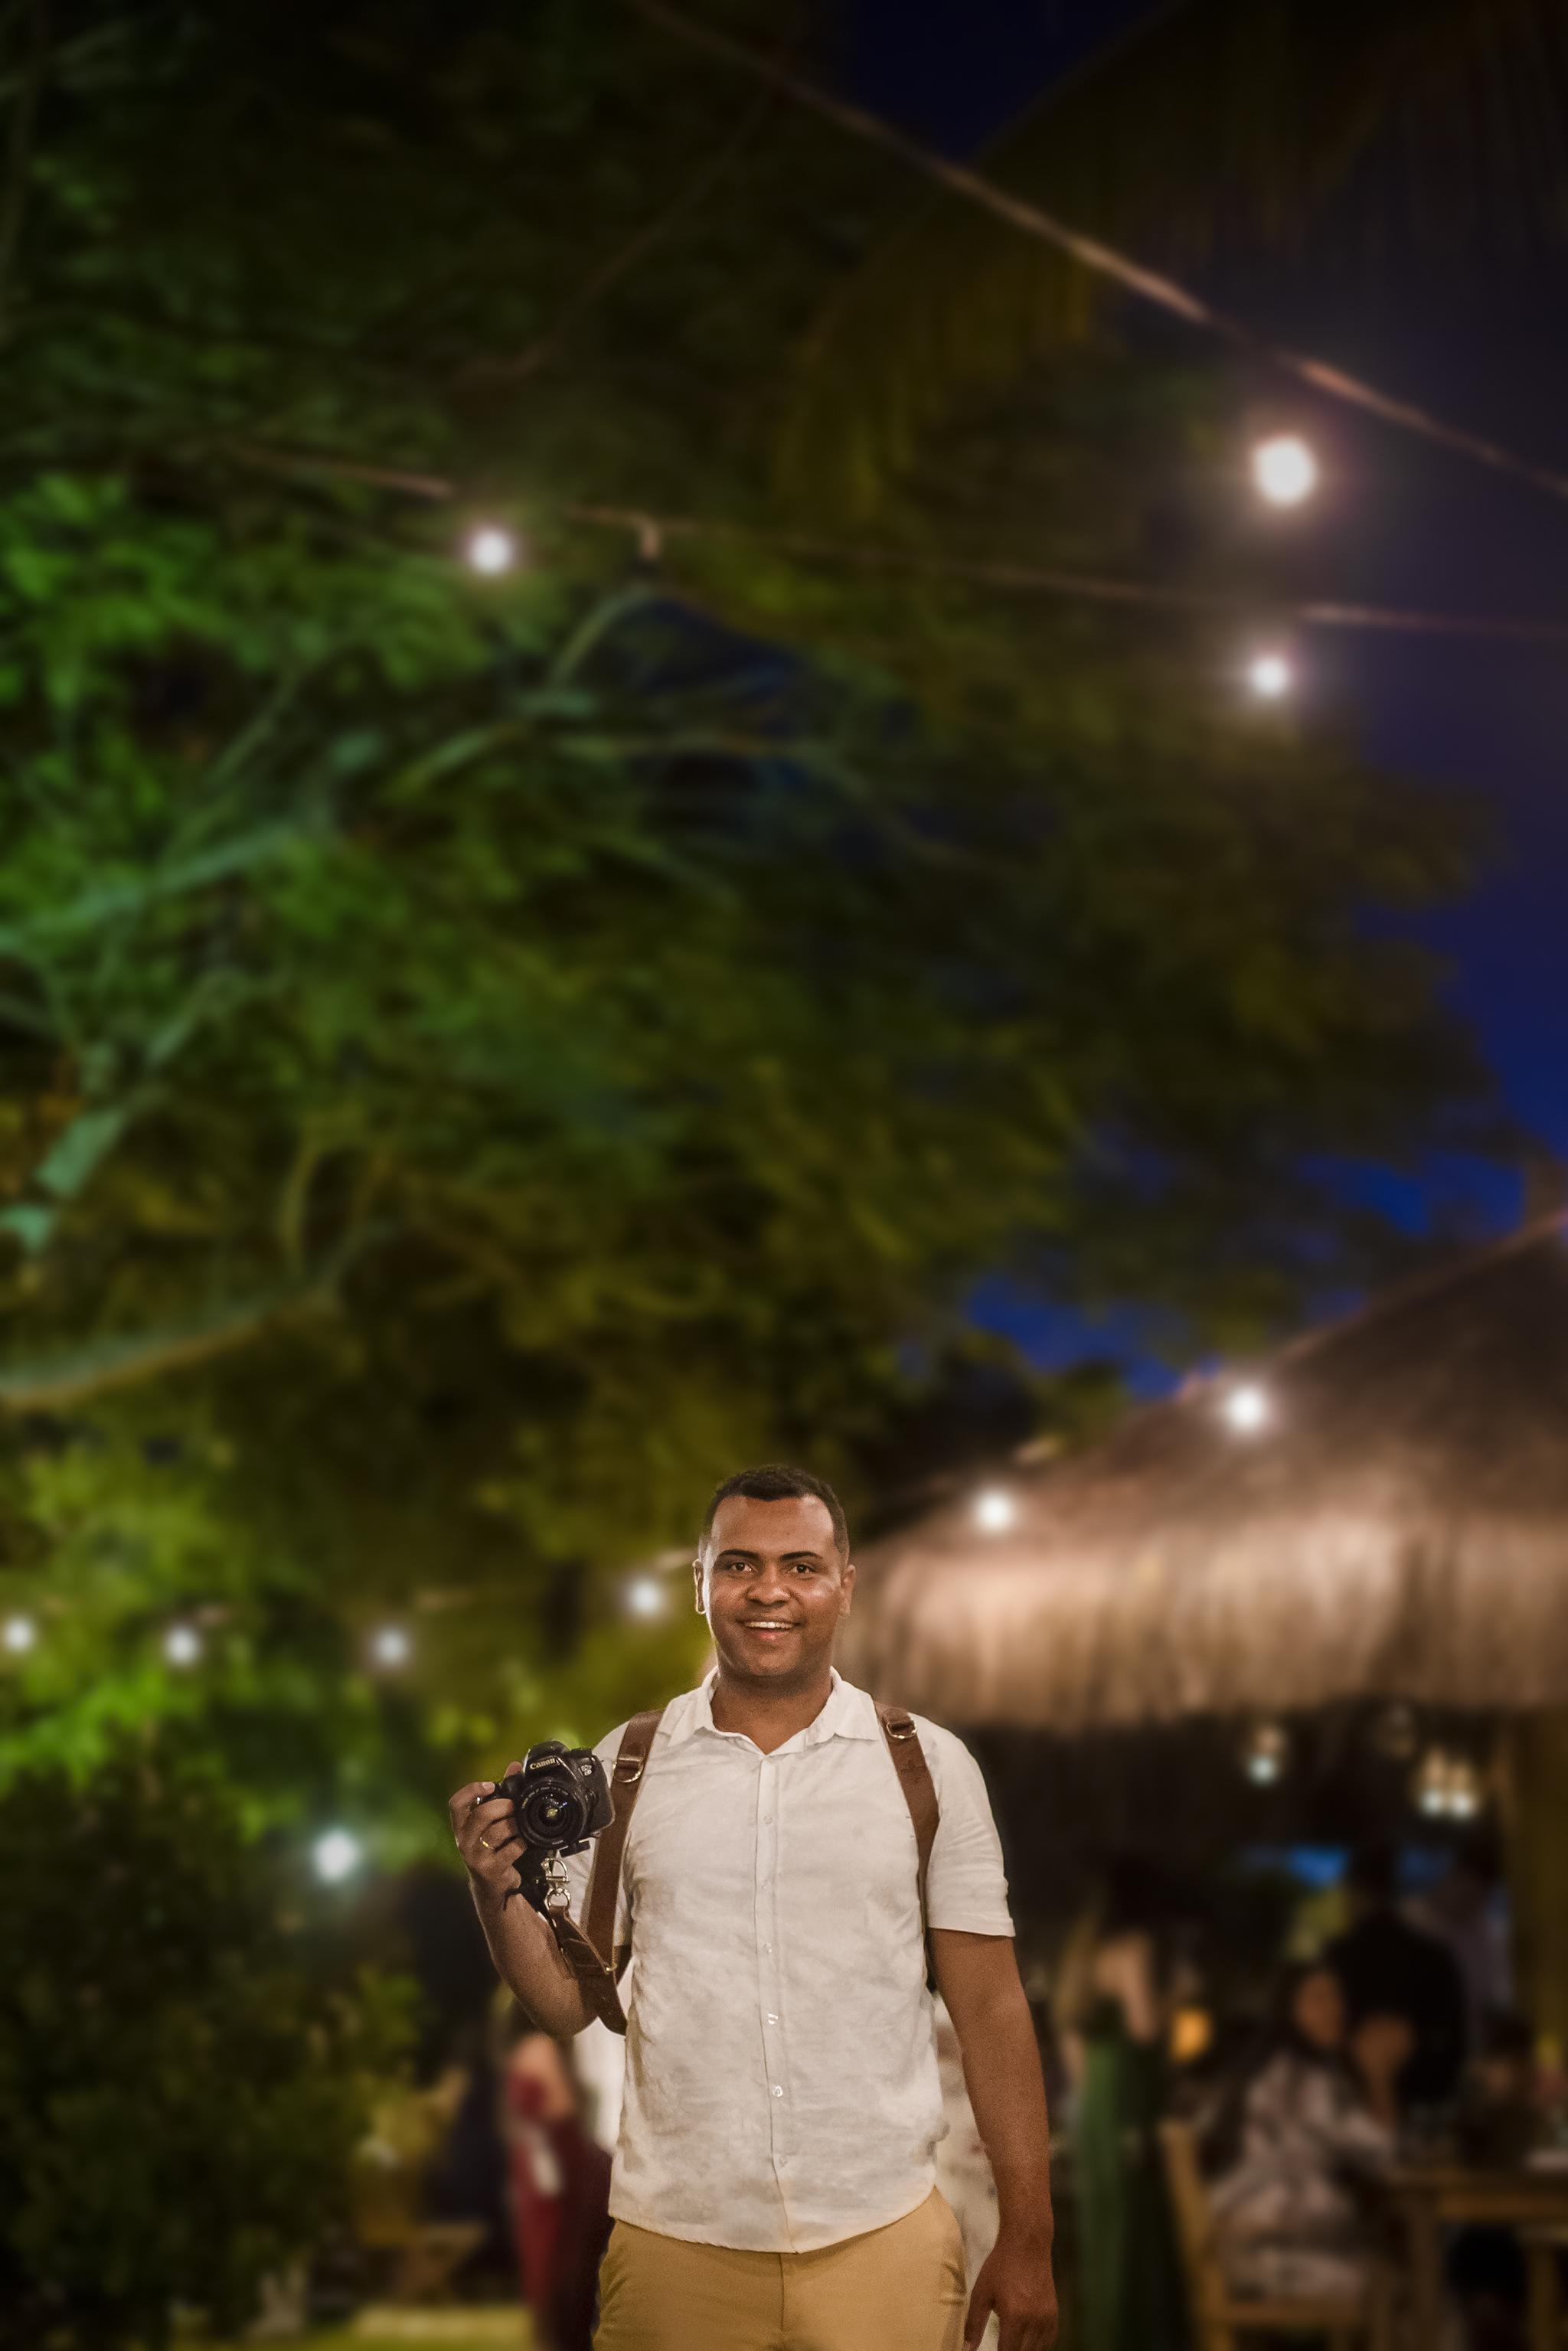 Sobre Fotografo de Casamento Belo Horizonte - Lucas Henrique Fotografia BH/MG